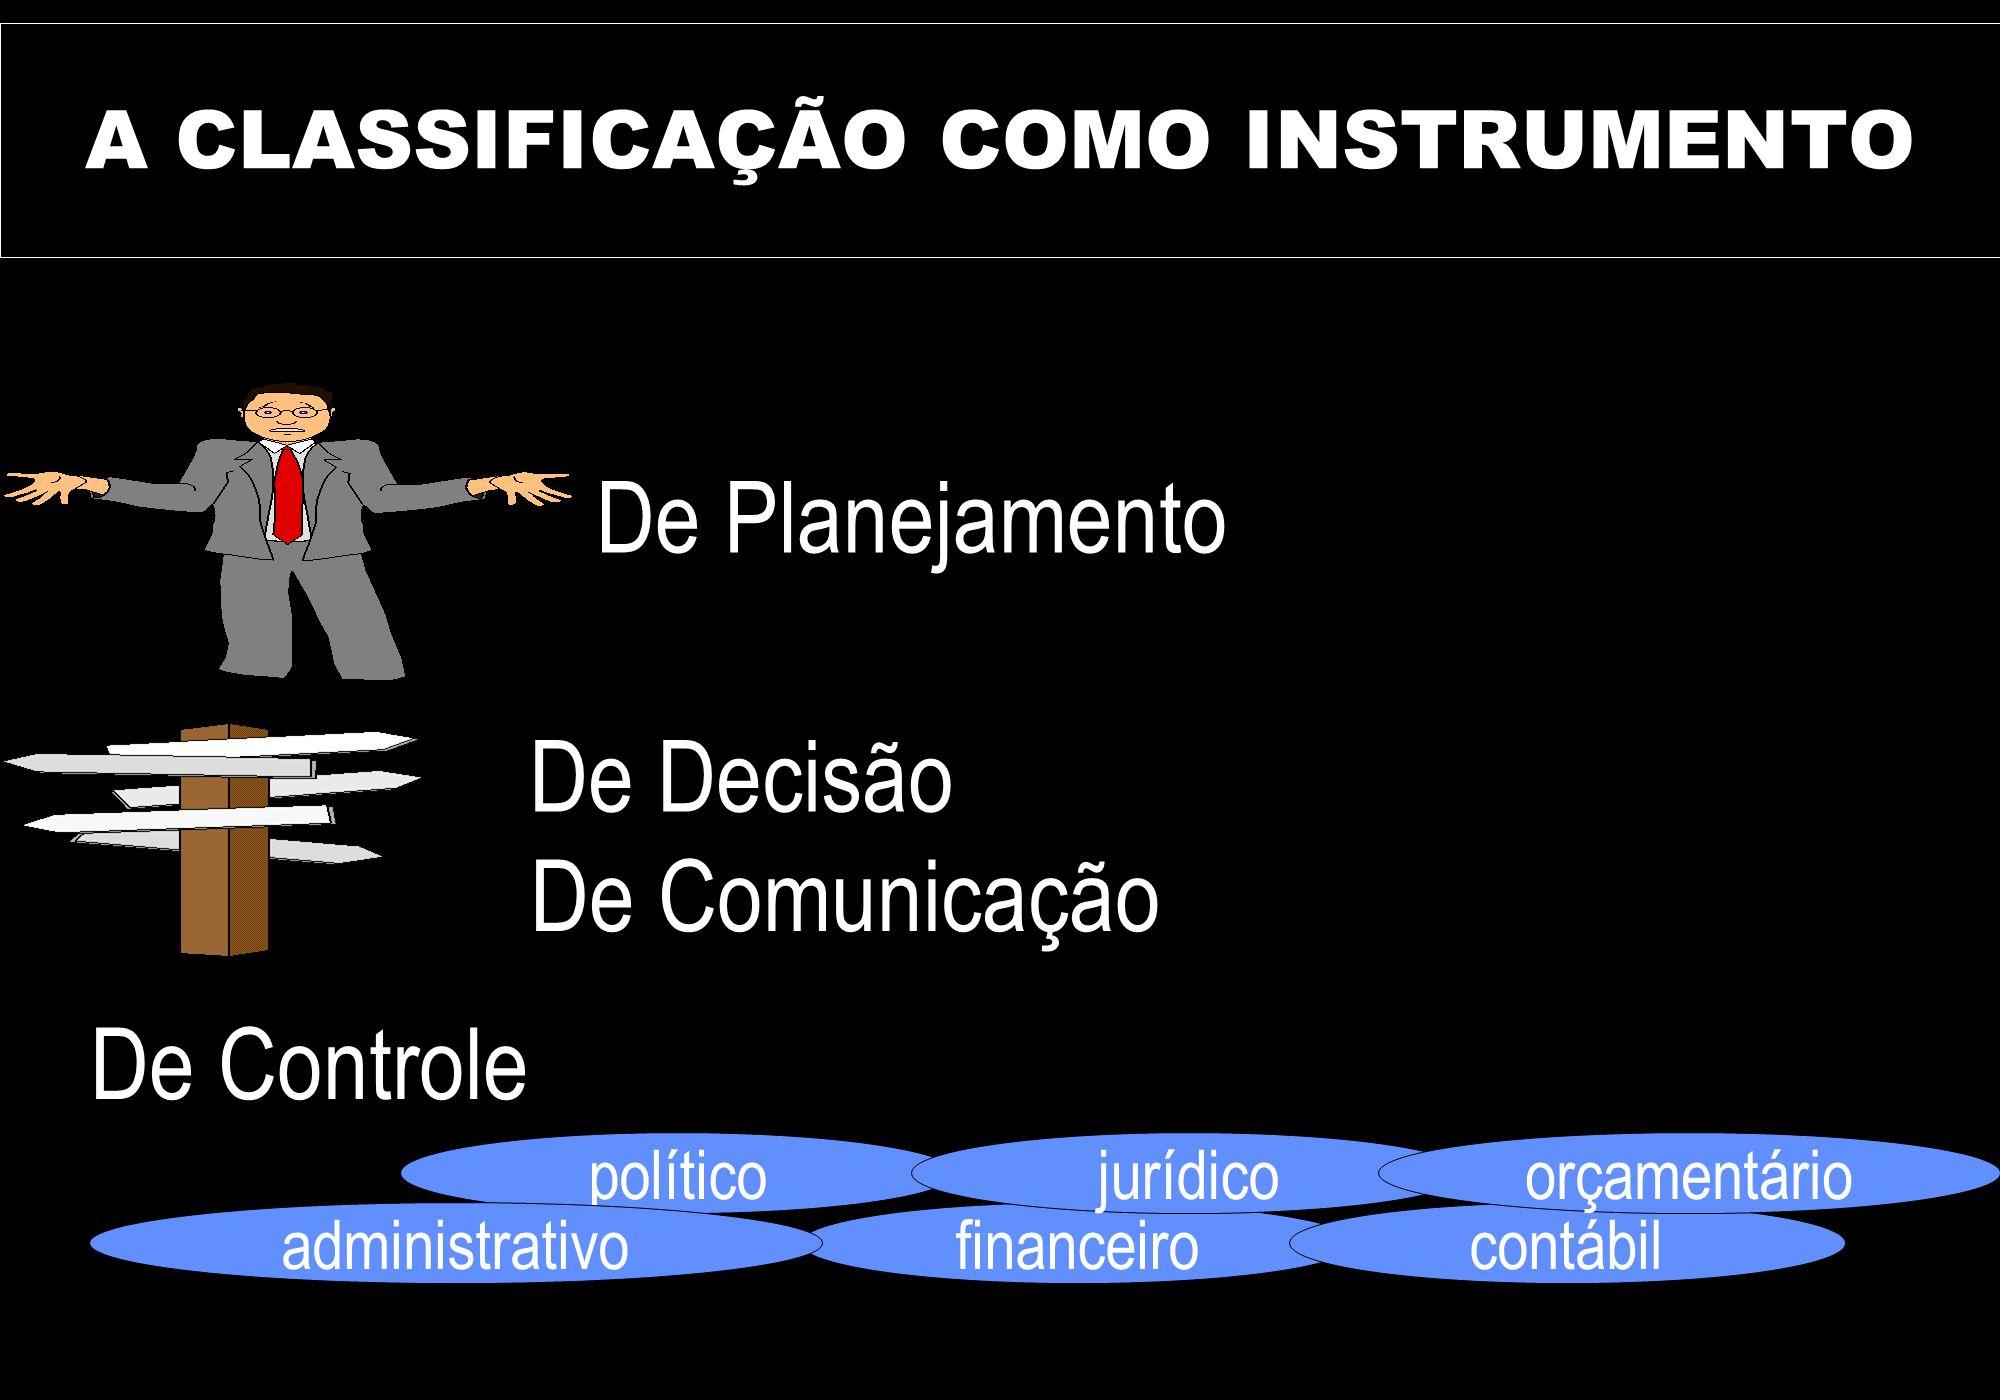 A CLASSIFICAÇÃO COMO INSTRUMENTO De Decisão De Comunicação De Controle De Planejamento político financeiroadministrativo jurídico contábil orçamentári